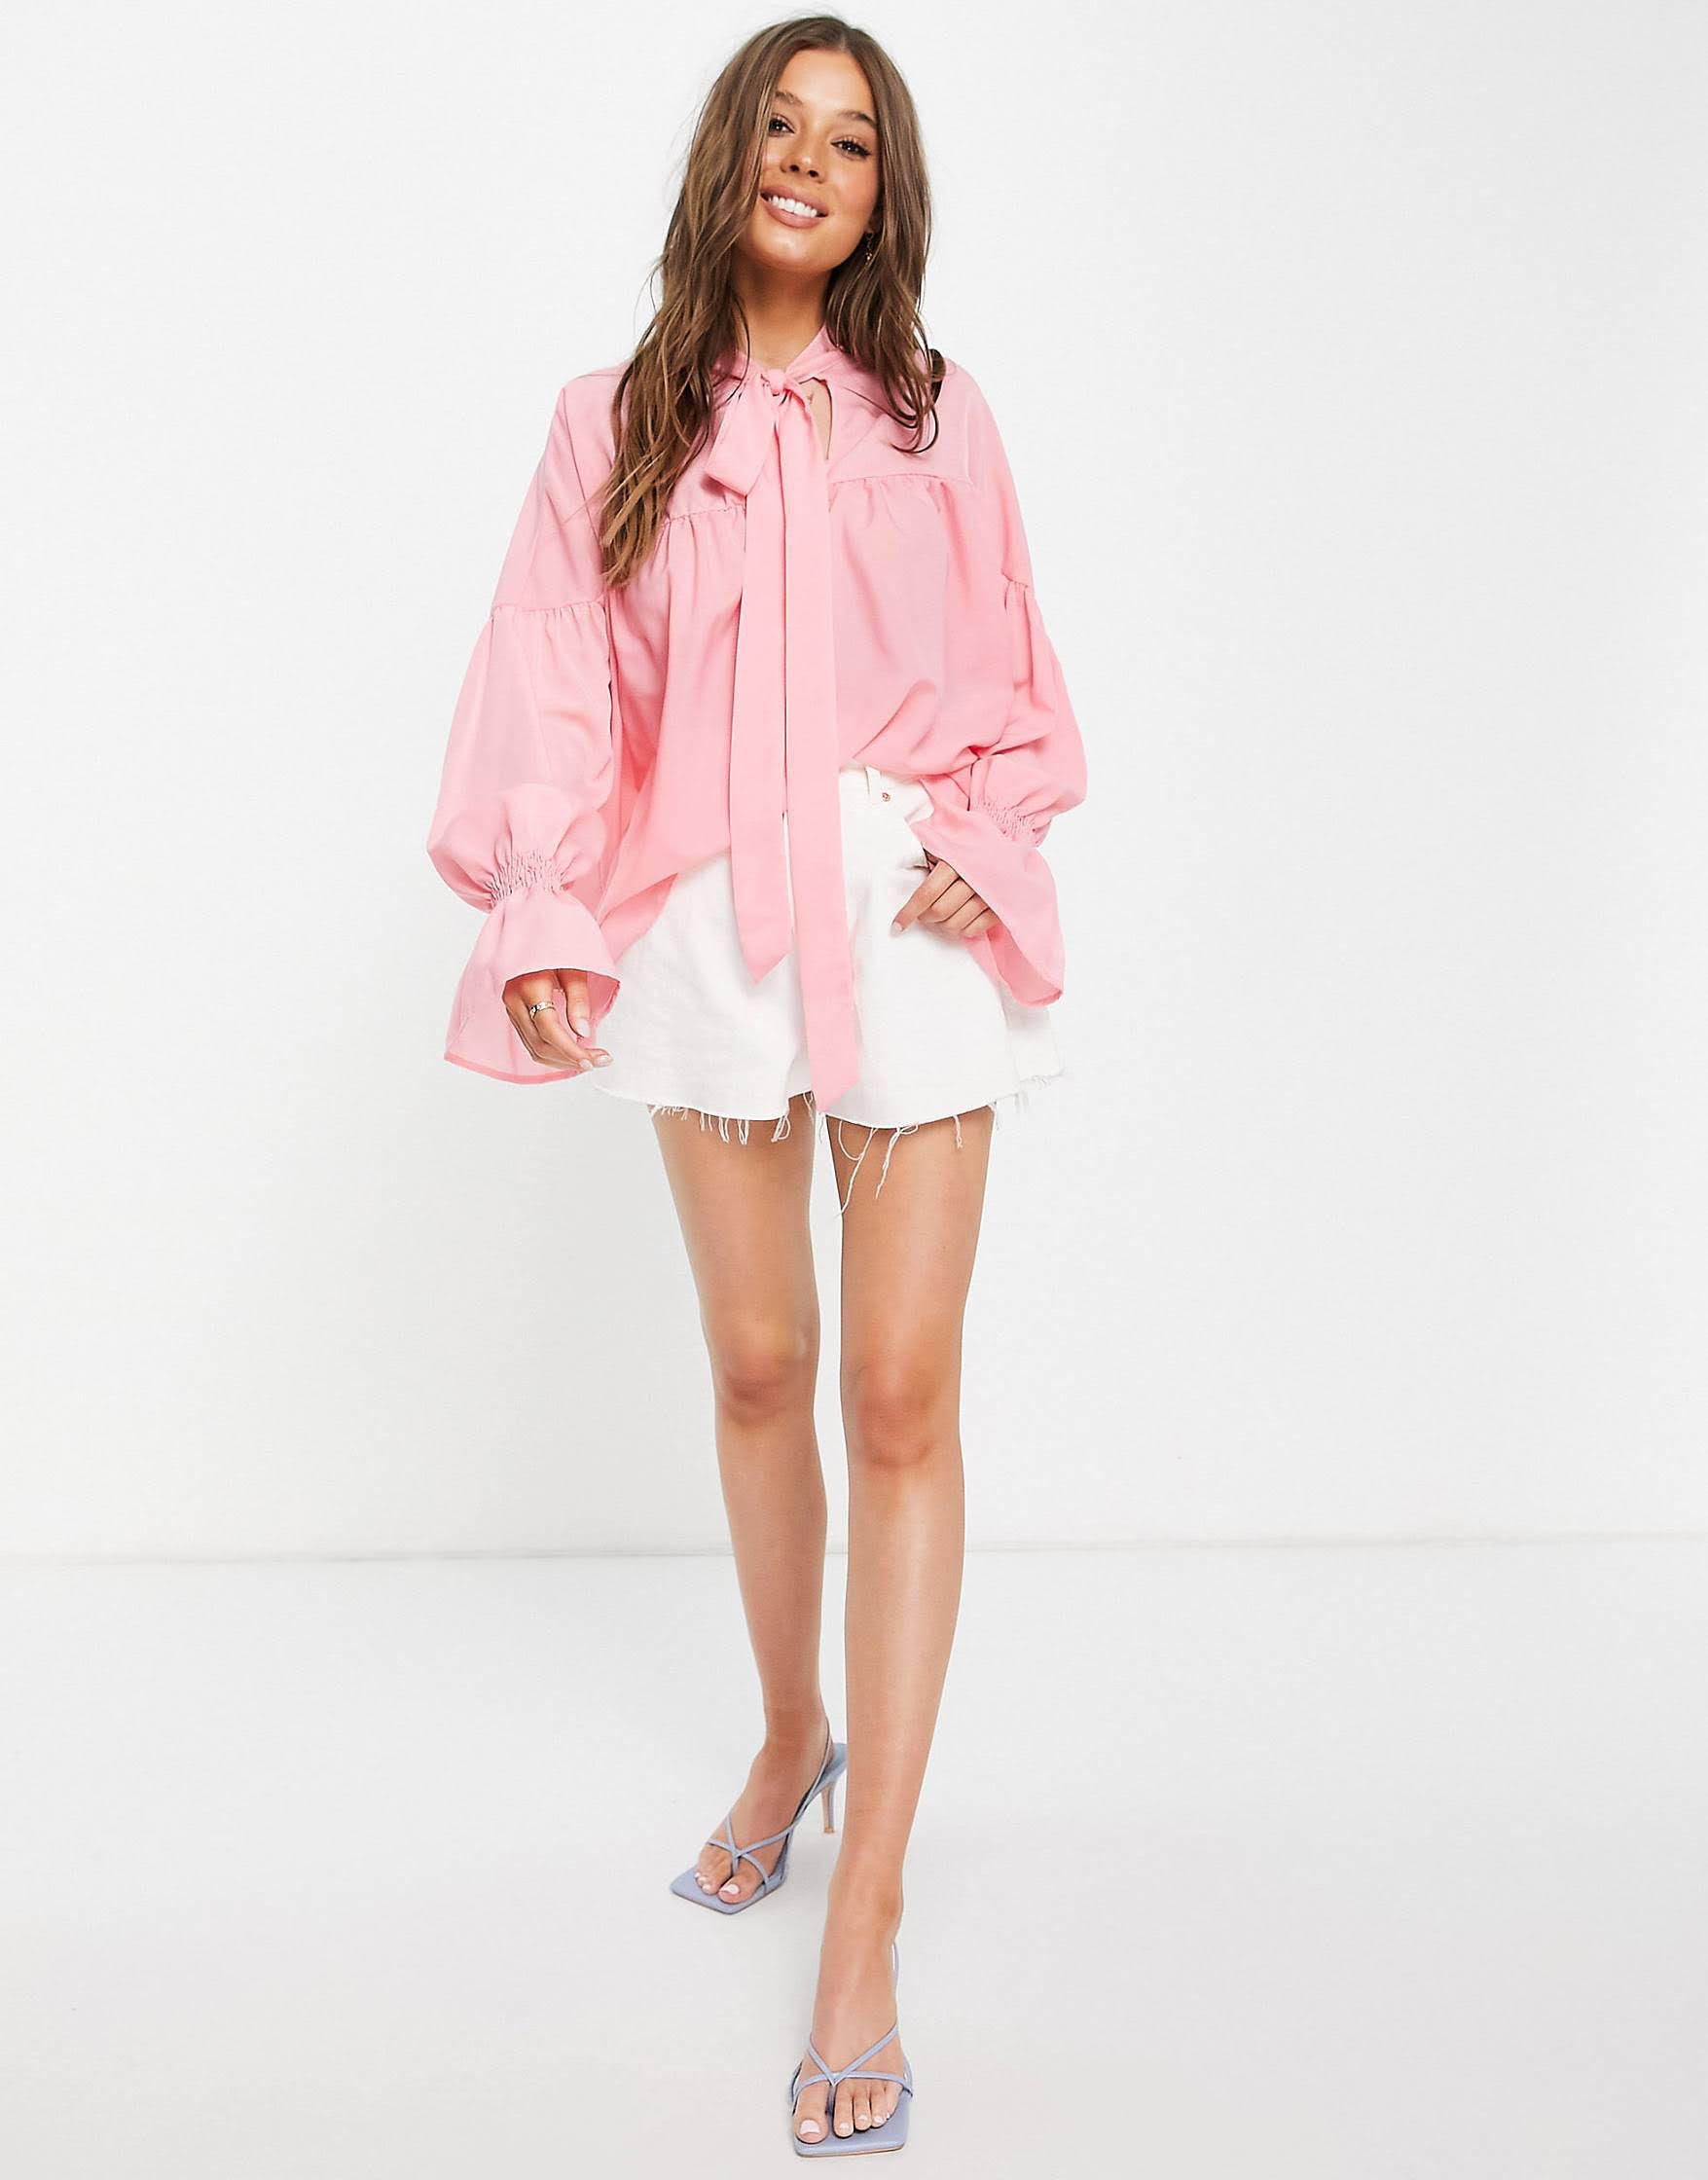 Blusa rosa extragrande con detalle de lazo de In The Style x Lorna Luxe